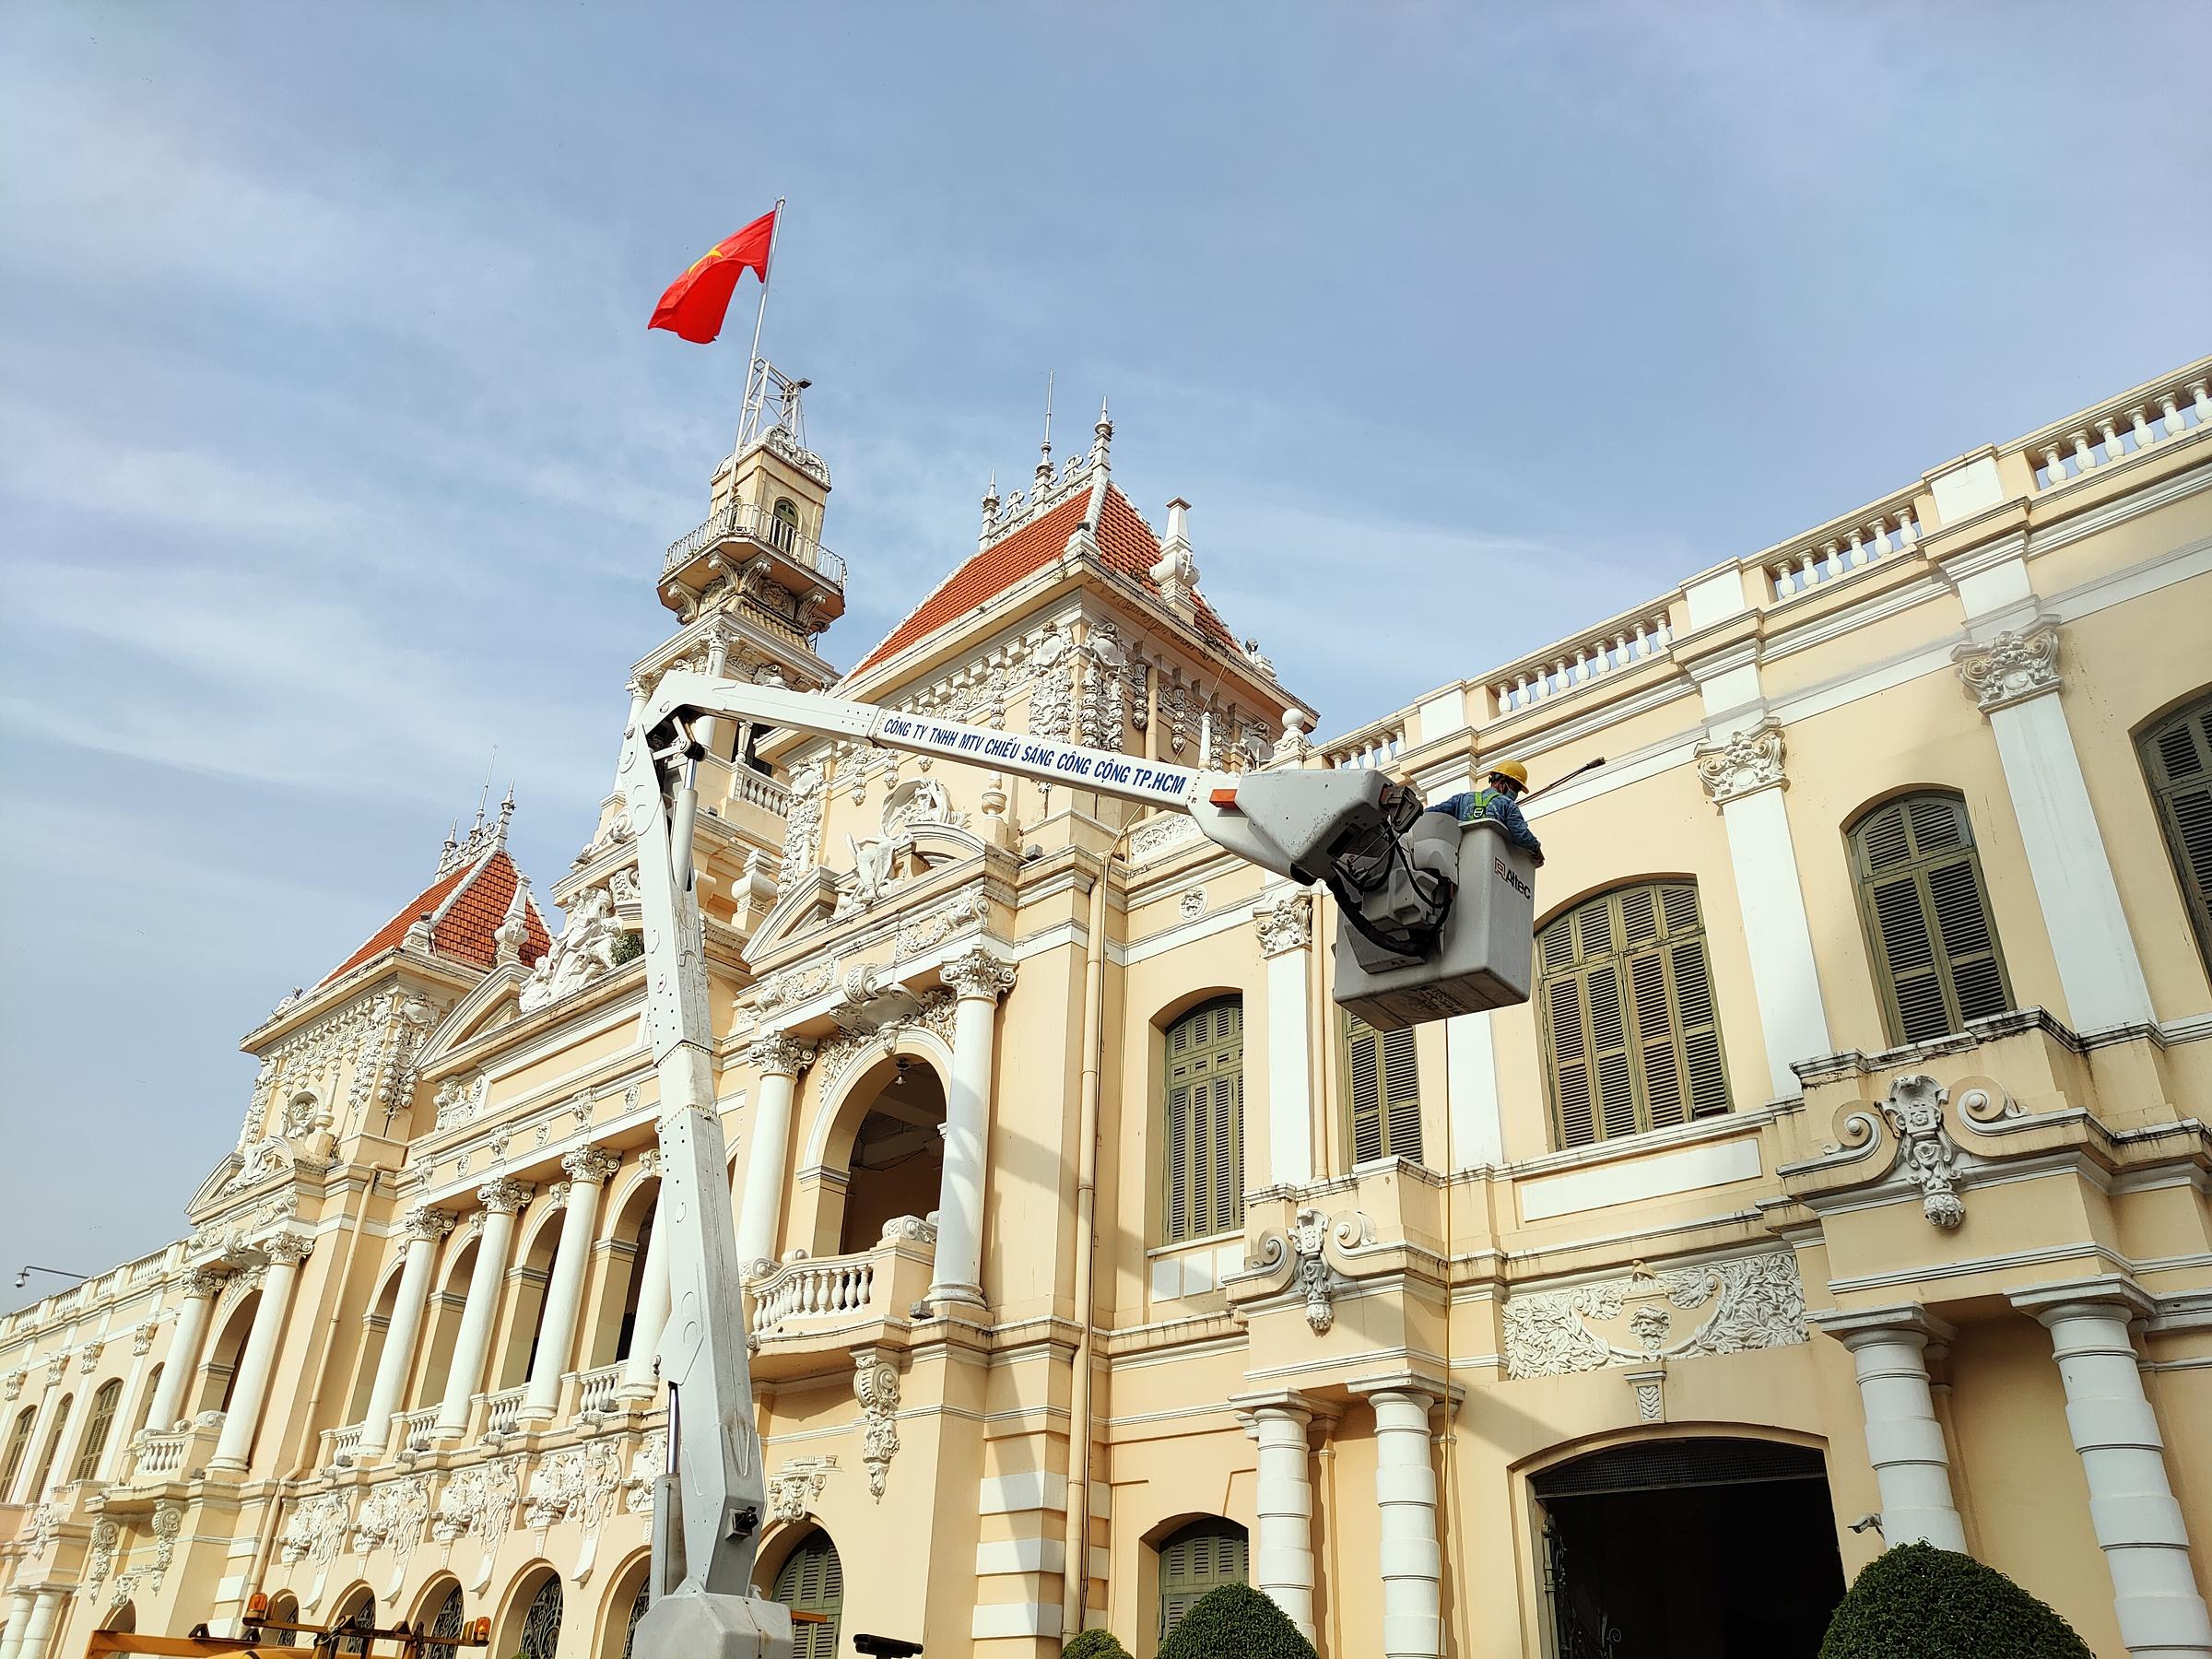 Khu vực trung tâm Sài Gòn đang được trang hoàng để đón một năm mới tràn đầy hy vọng.